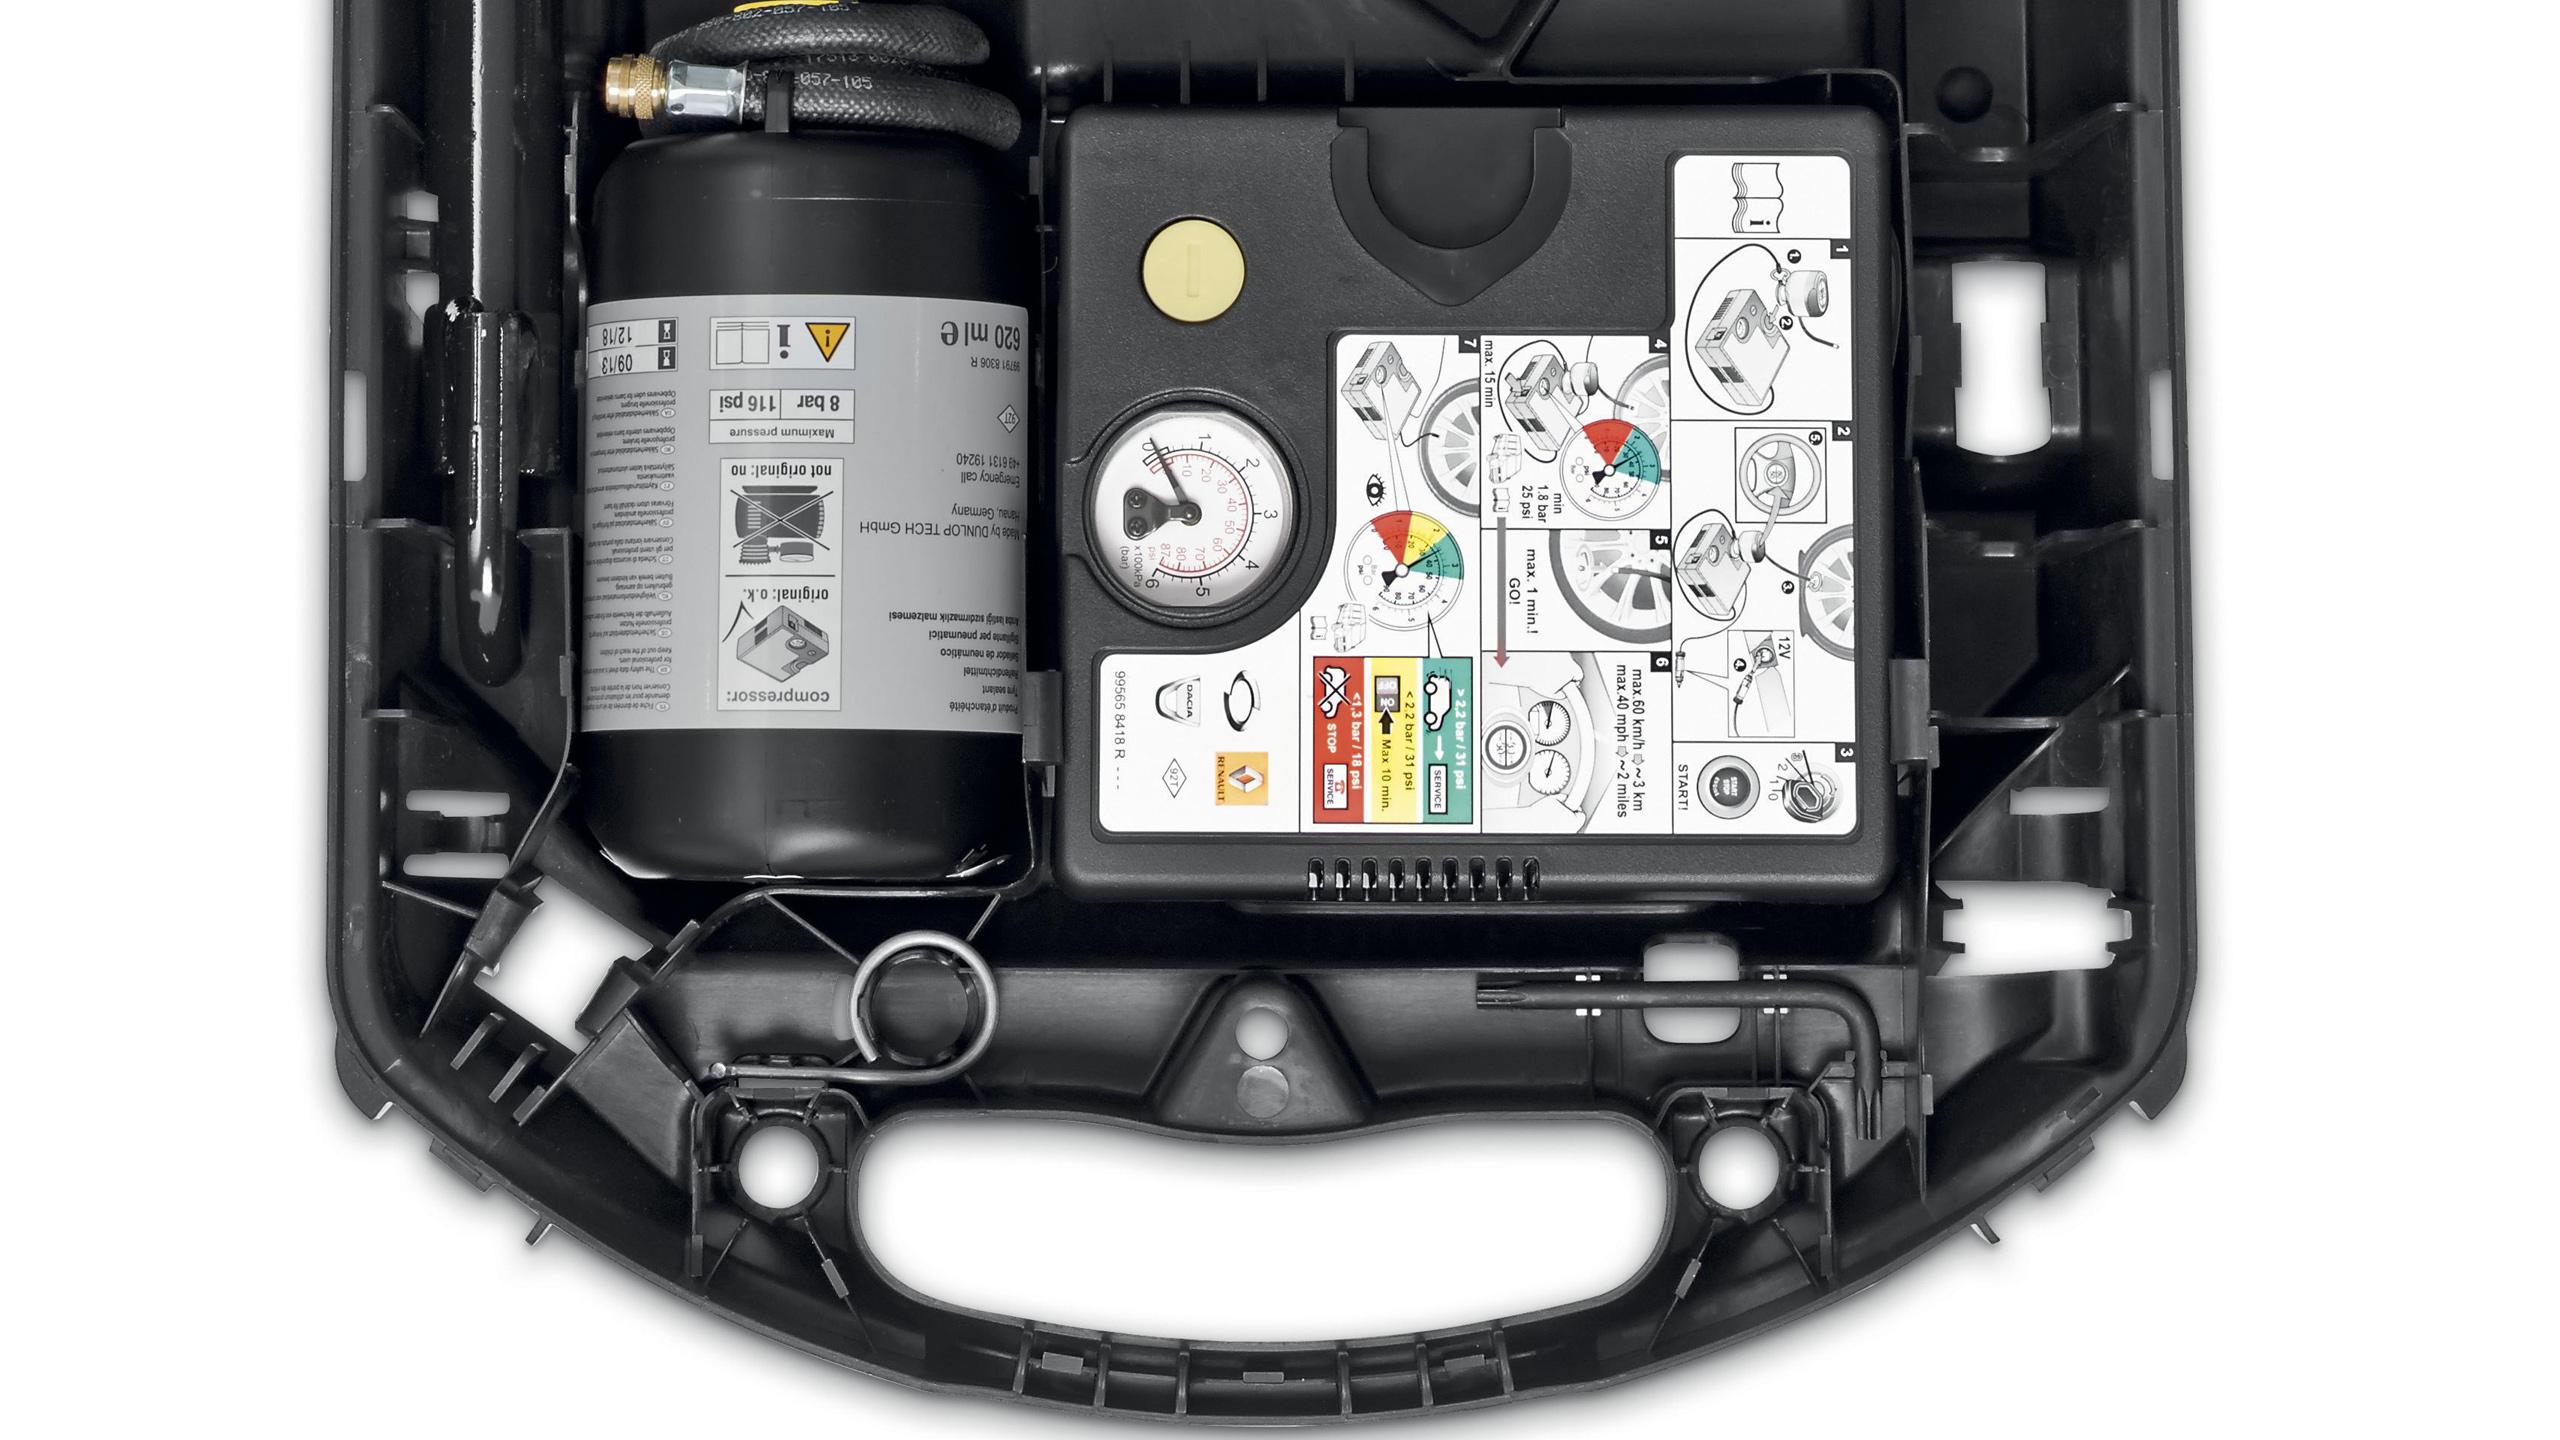 Mobilitäts-Set (12-V-Kompressor und Reifendichtmittel)